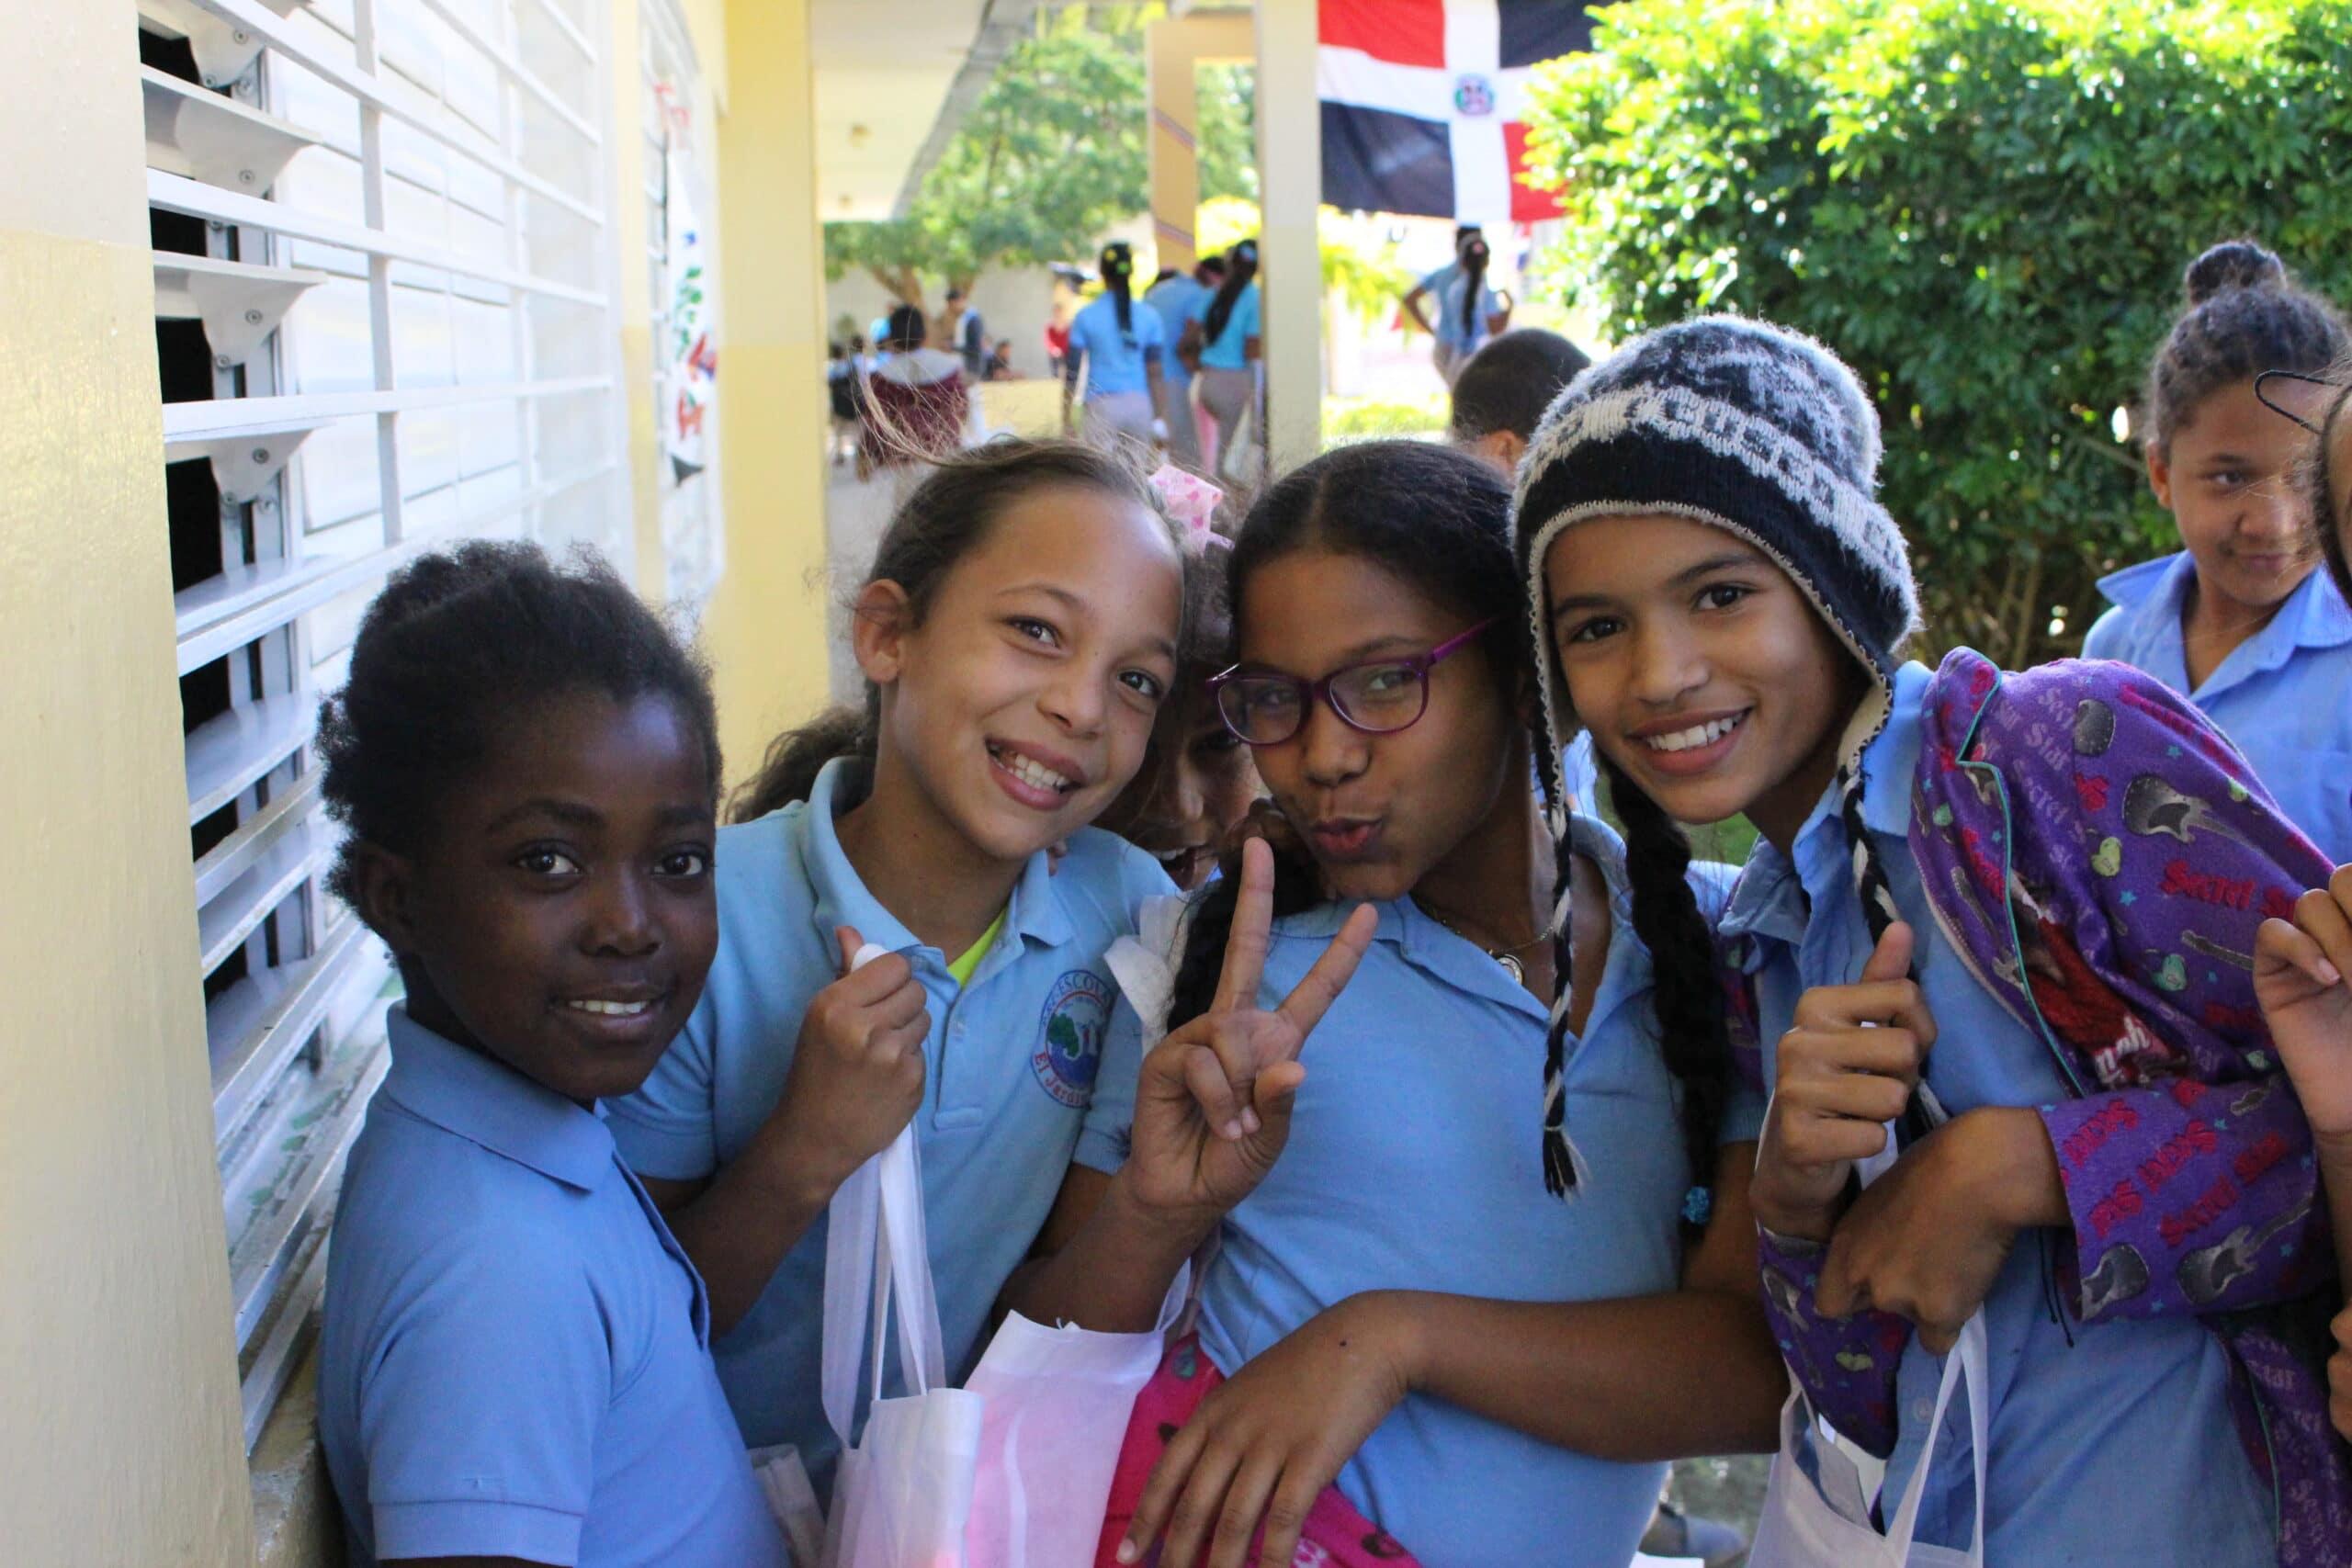 GNCA_Blog_Dominican Republic Volunteer Trip_Children